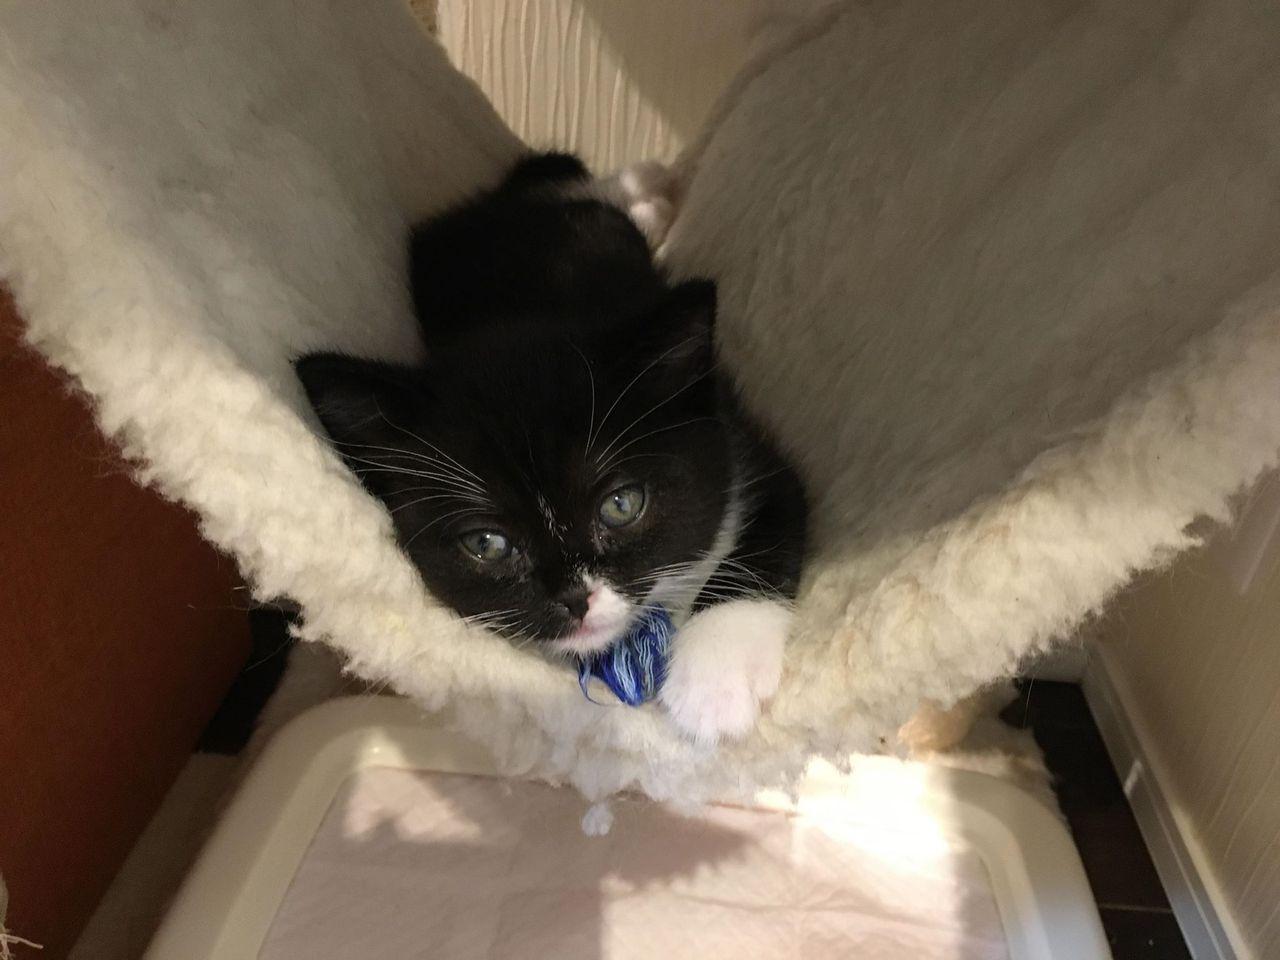 撮影:kuro様かわいい猫スタッフ達にぜひ癒やされてください。